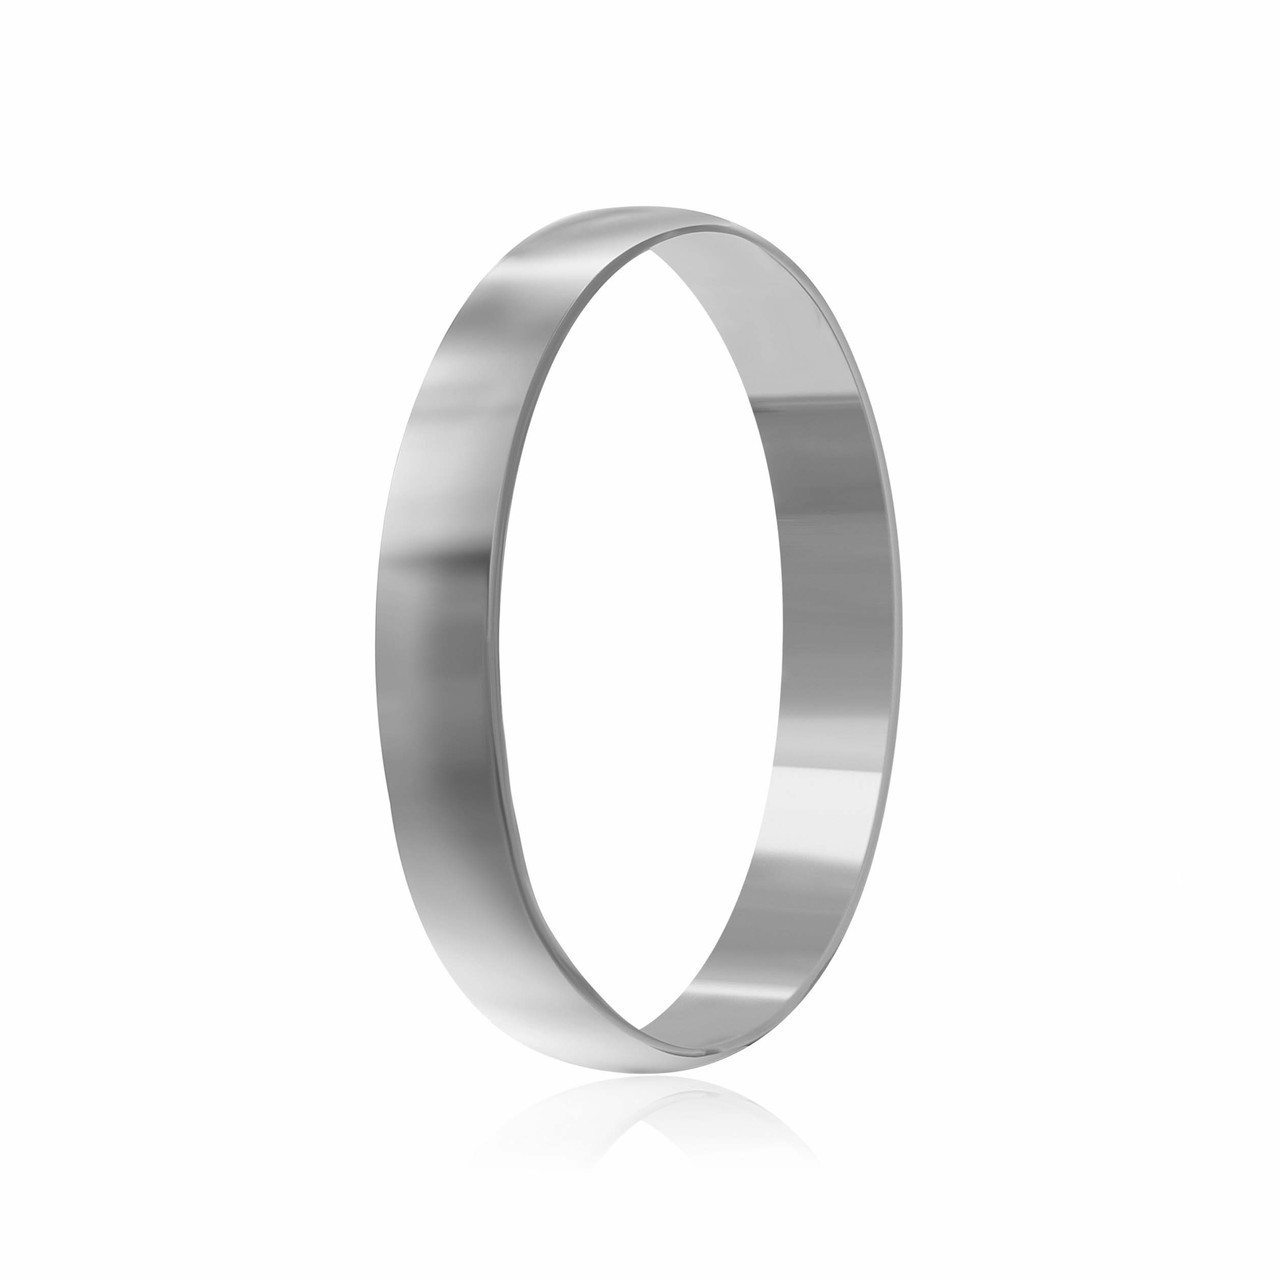 Обручальное кольцо серебряное К2/801 - 15,9